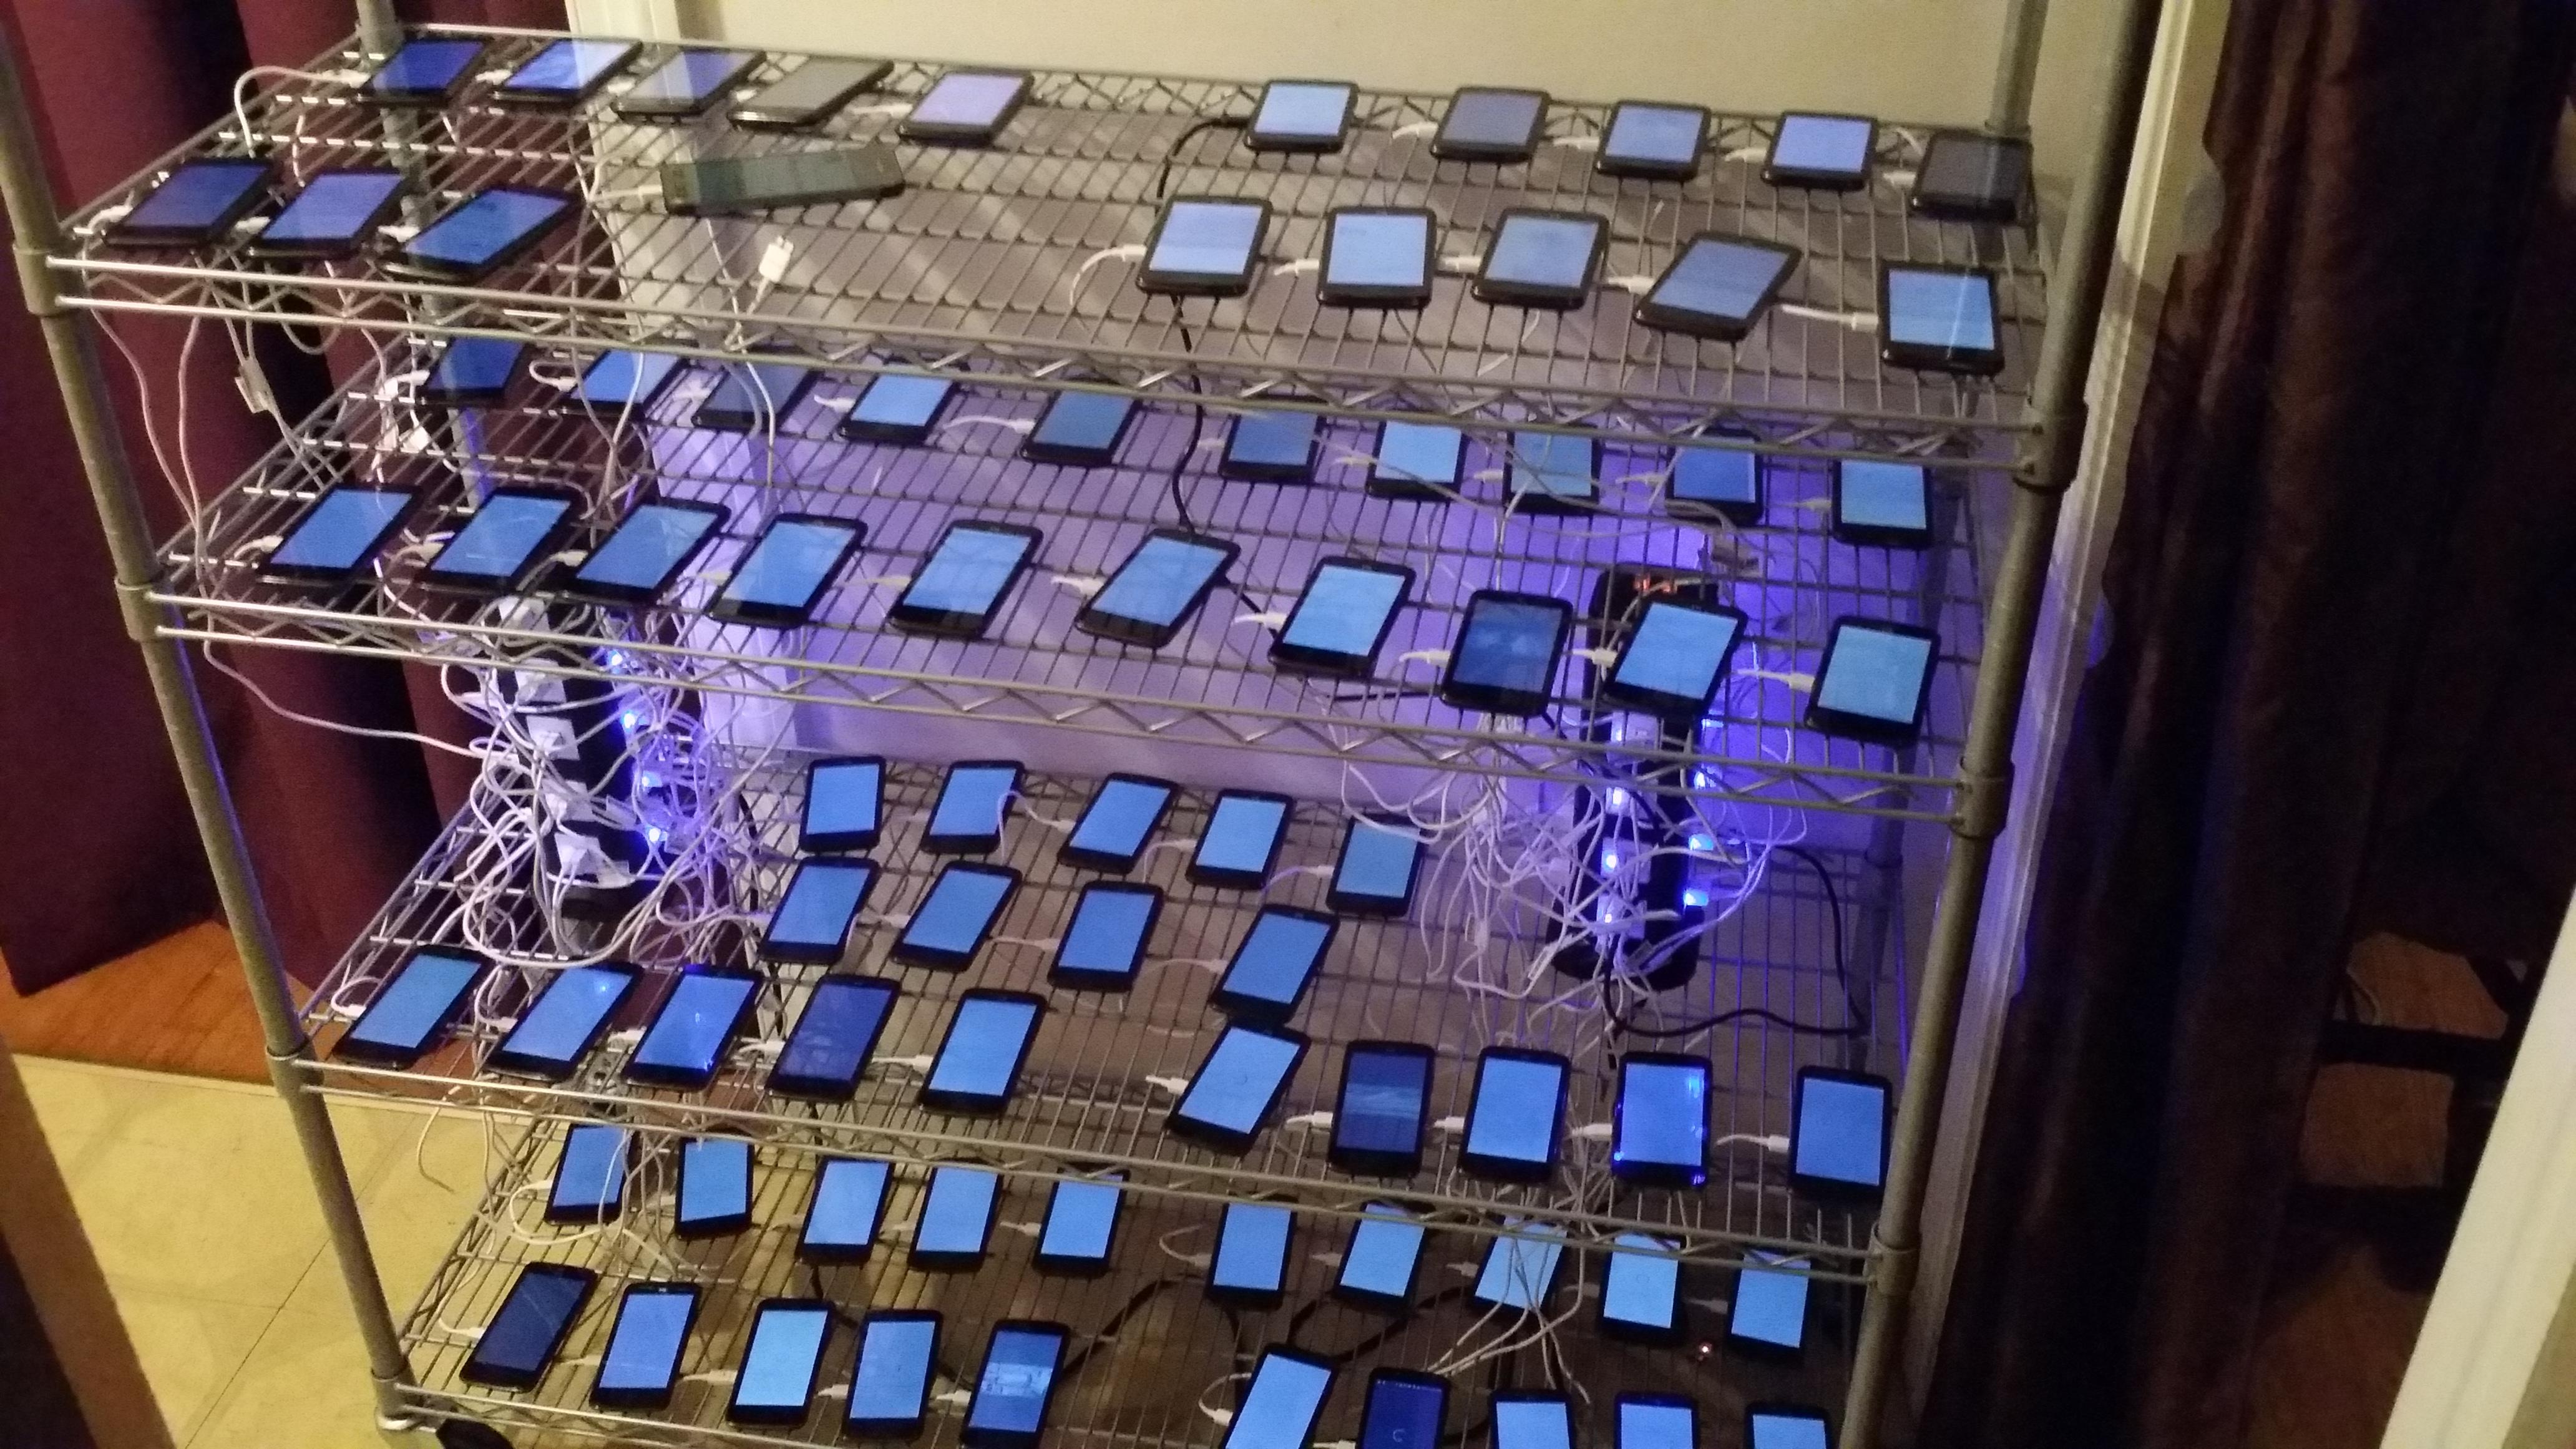 Đột nhập trang trại cày view của nông dân Mỹ, nơi hàng trăm chiếc smartphone kiếm tiền cho chủ nhân mua bỉm, mua bia... - Ảnh 2.